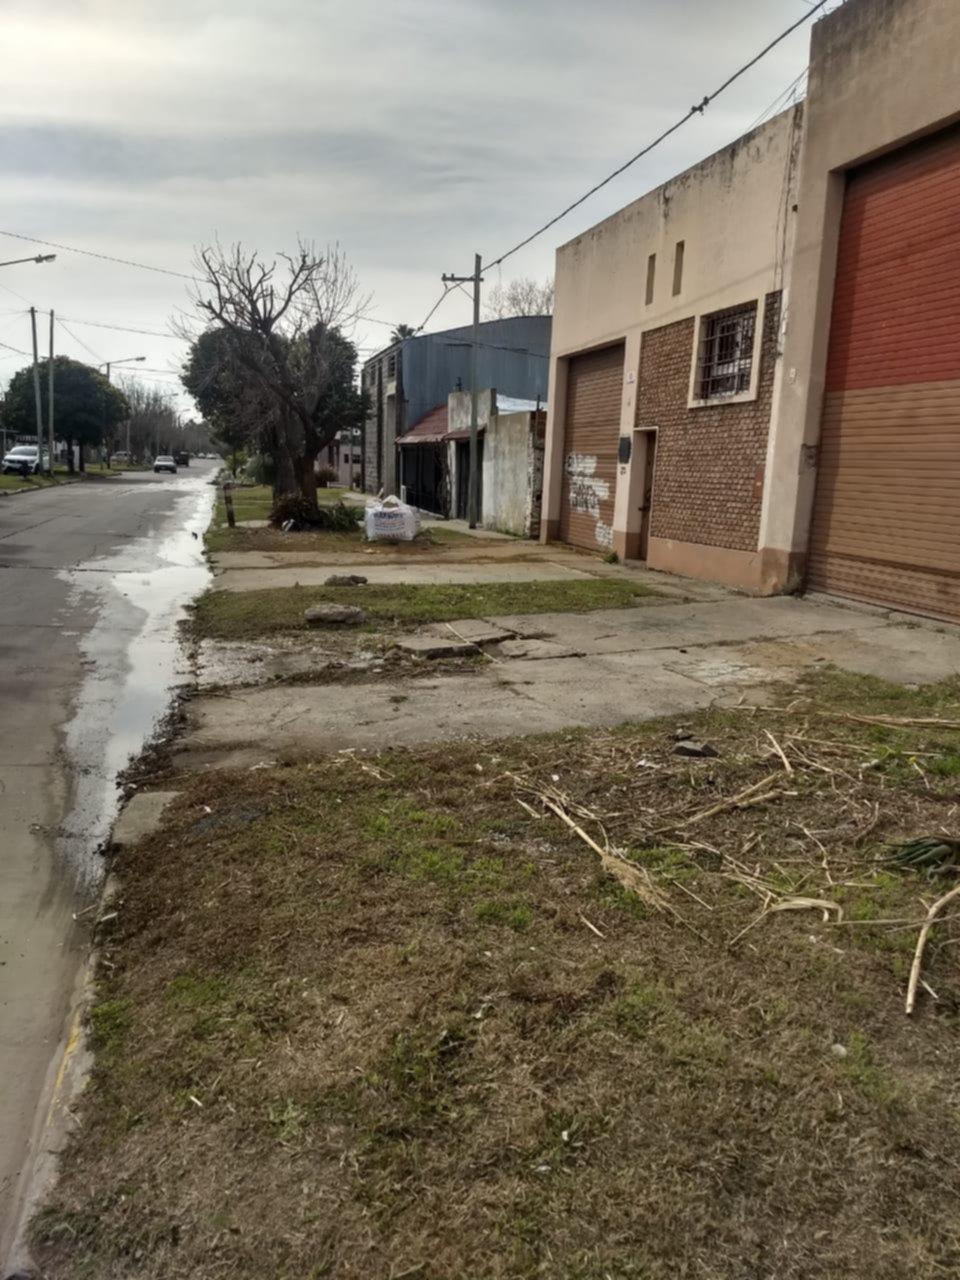 Catarata de quejas por el agua que se derrocha en la calle y afecta al servicio